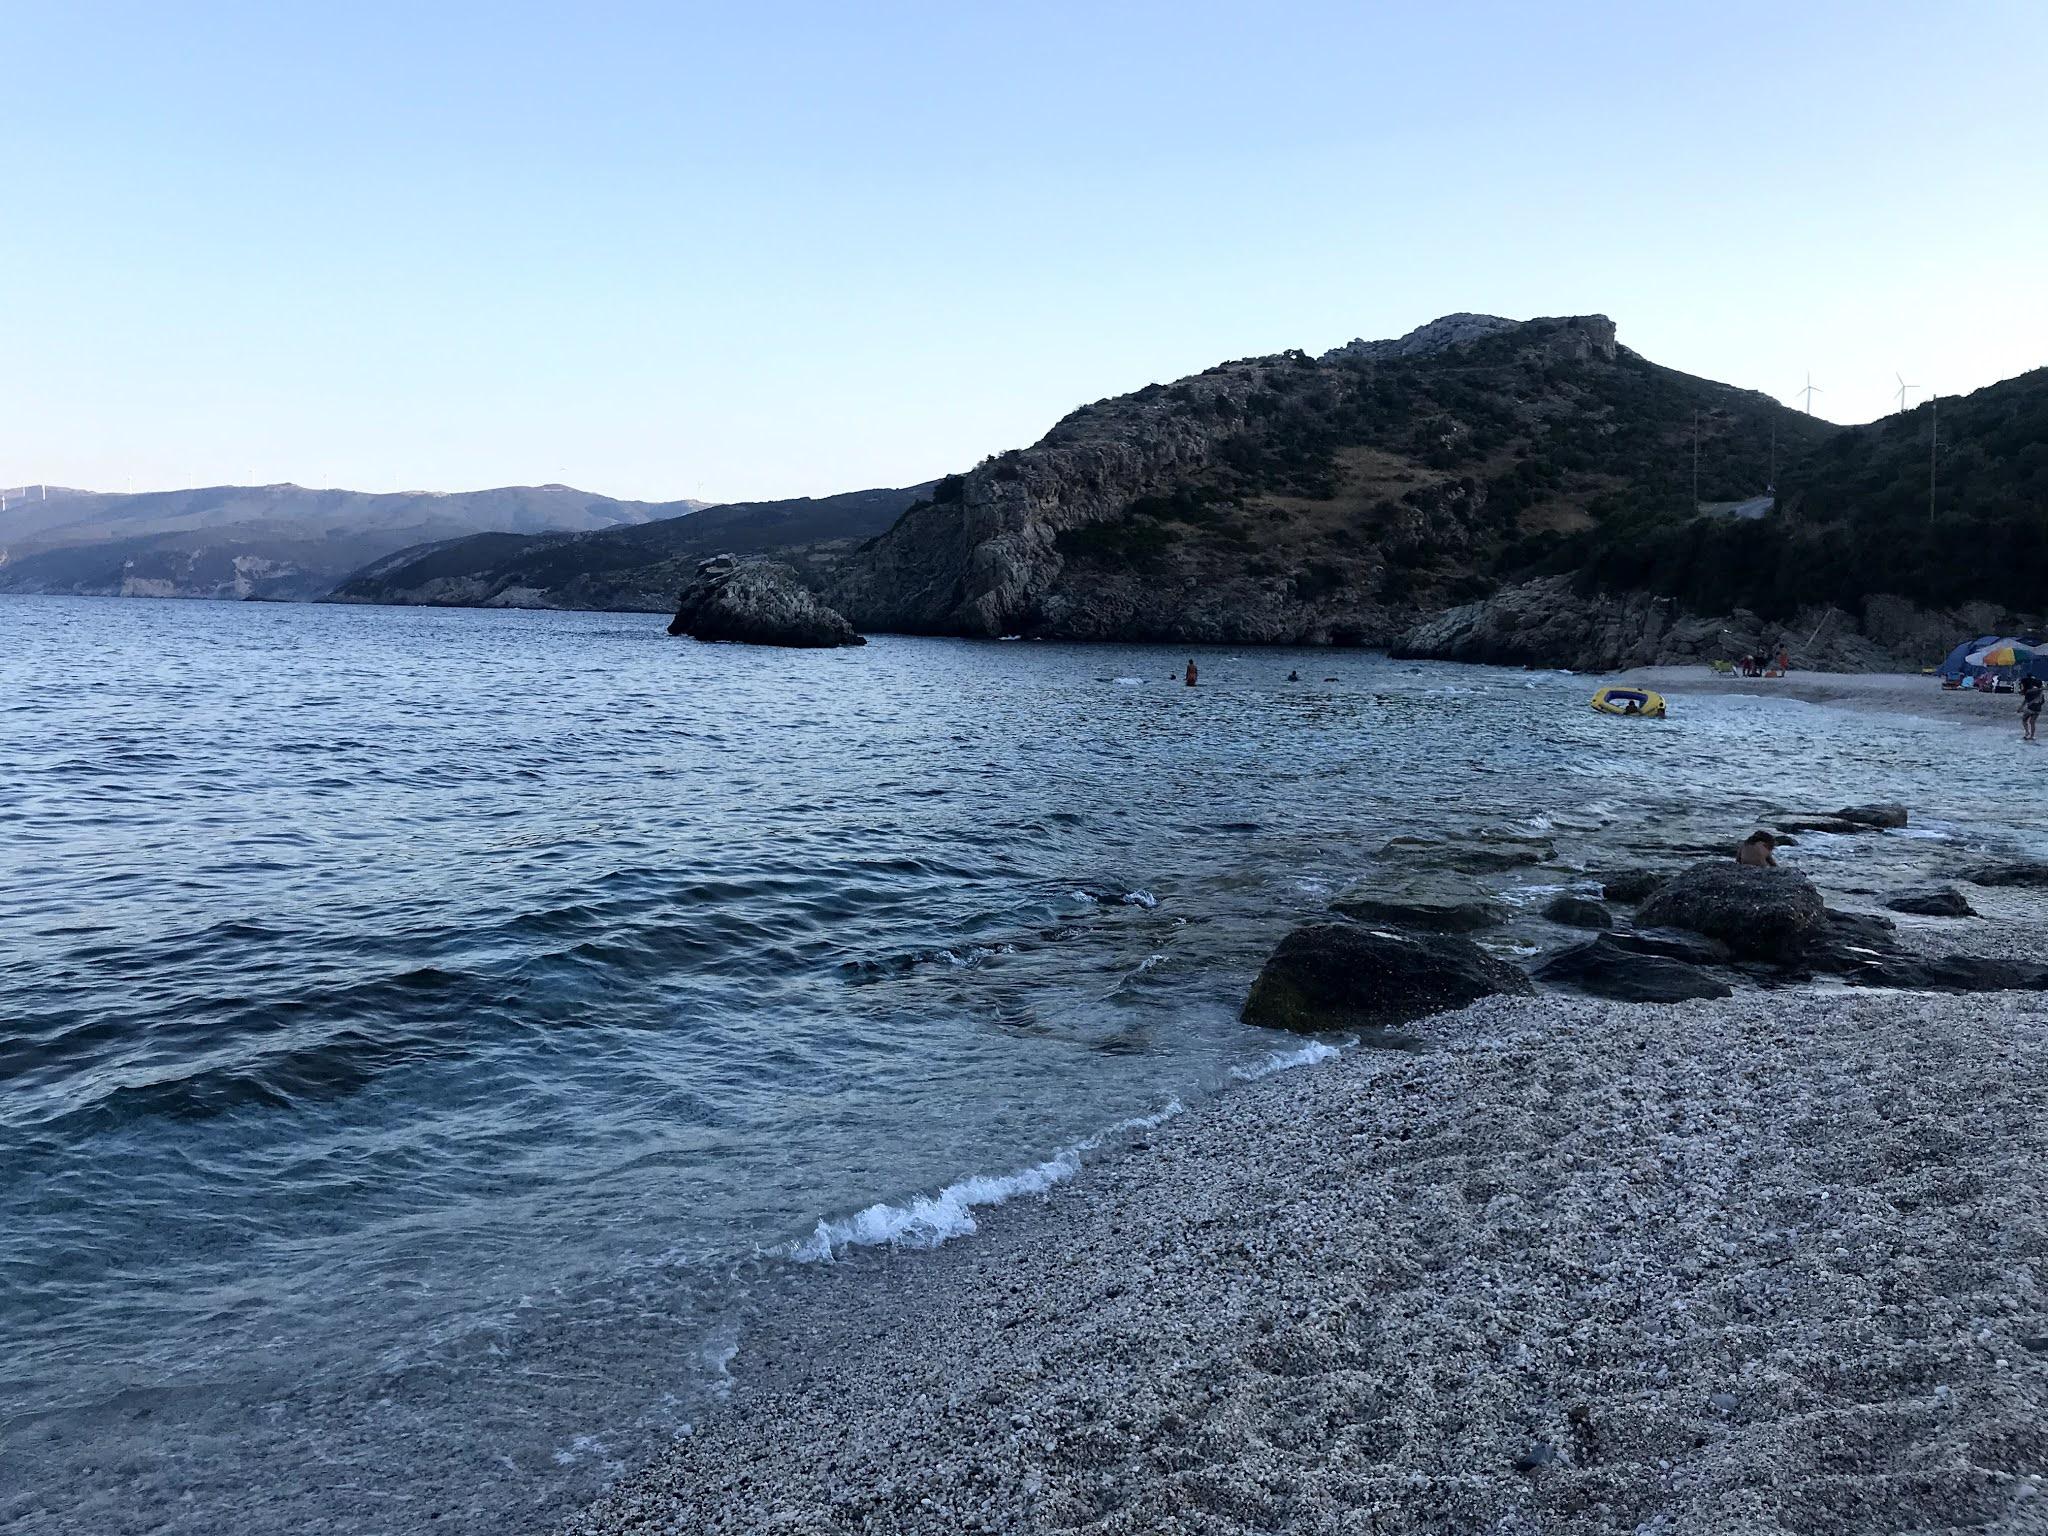 Παραλία Λιμνιώνας στην Εύβοια